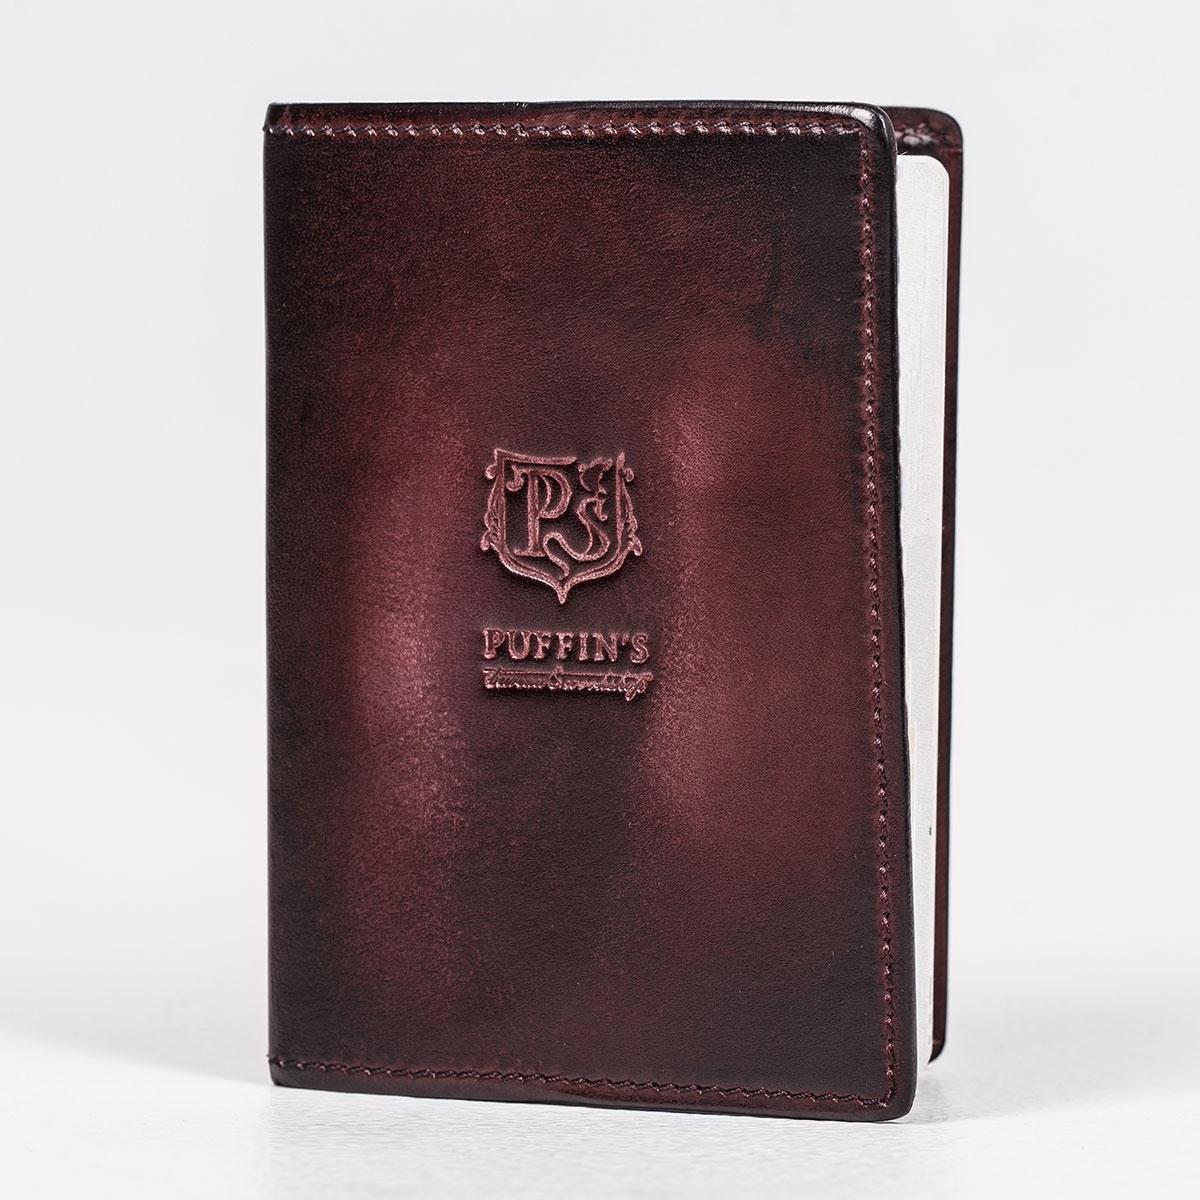 Обложка для паспорта CYNARA бордо